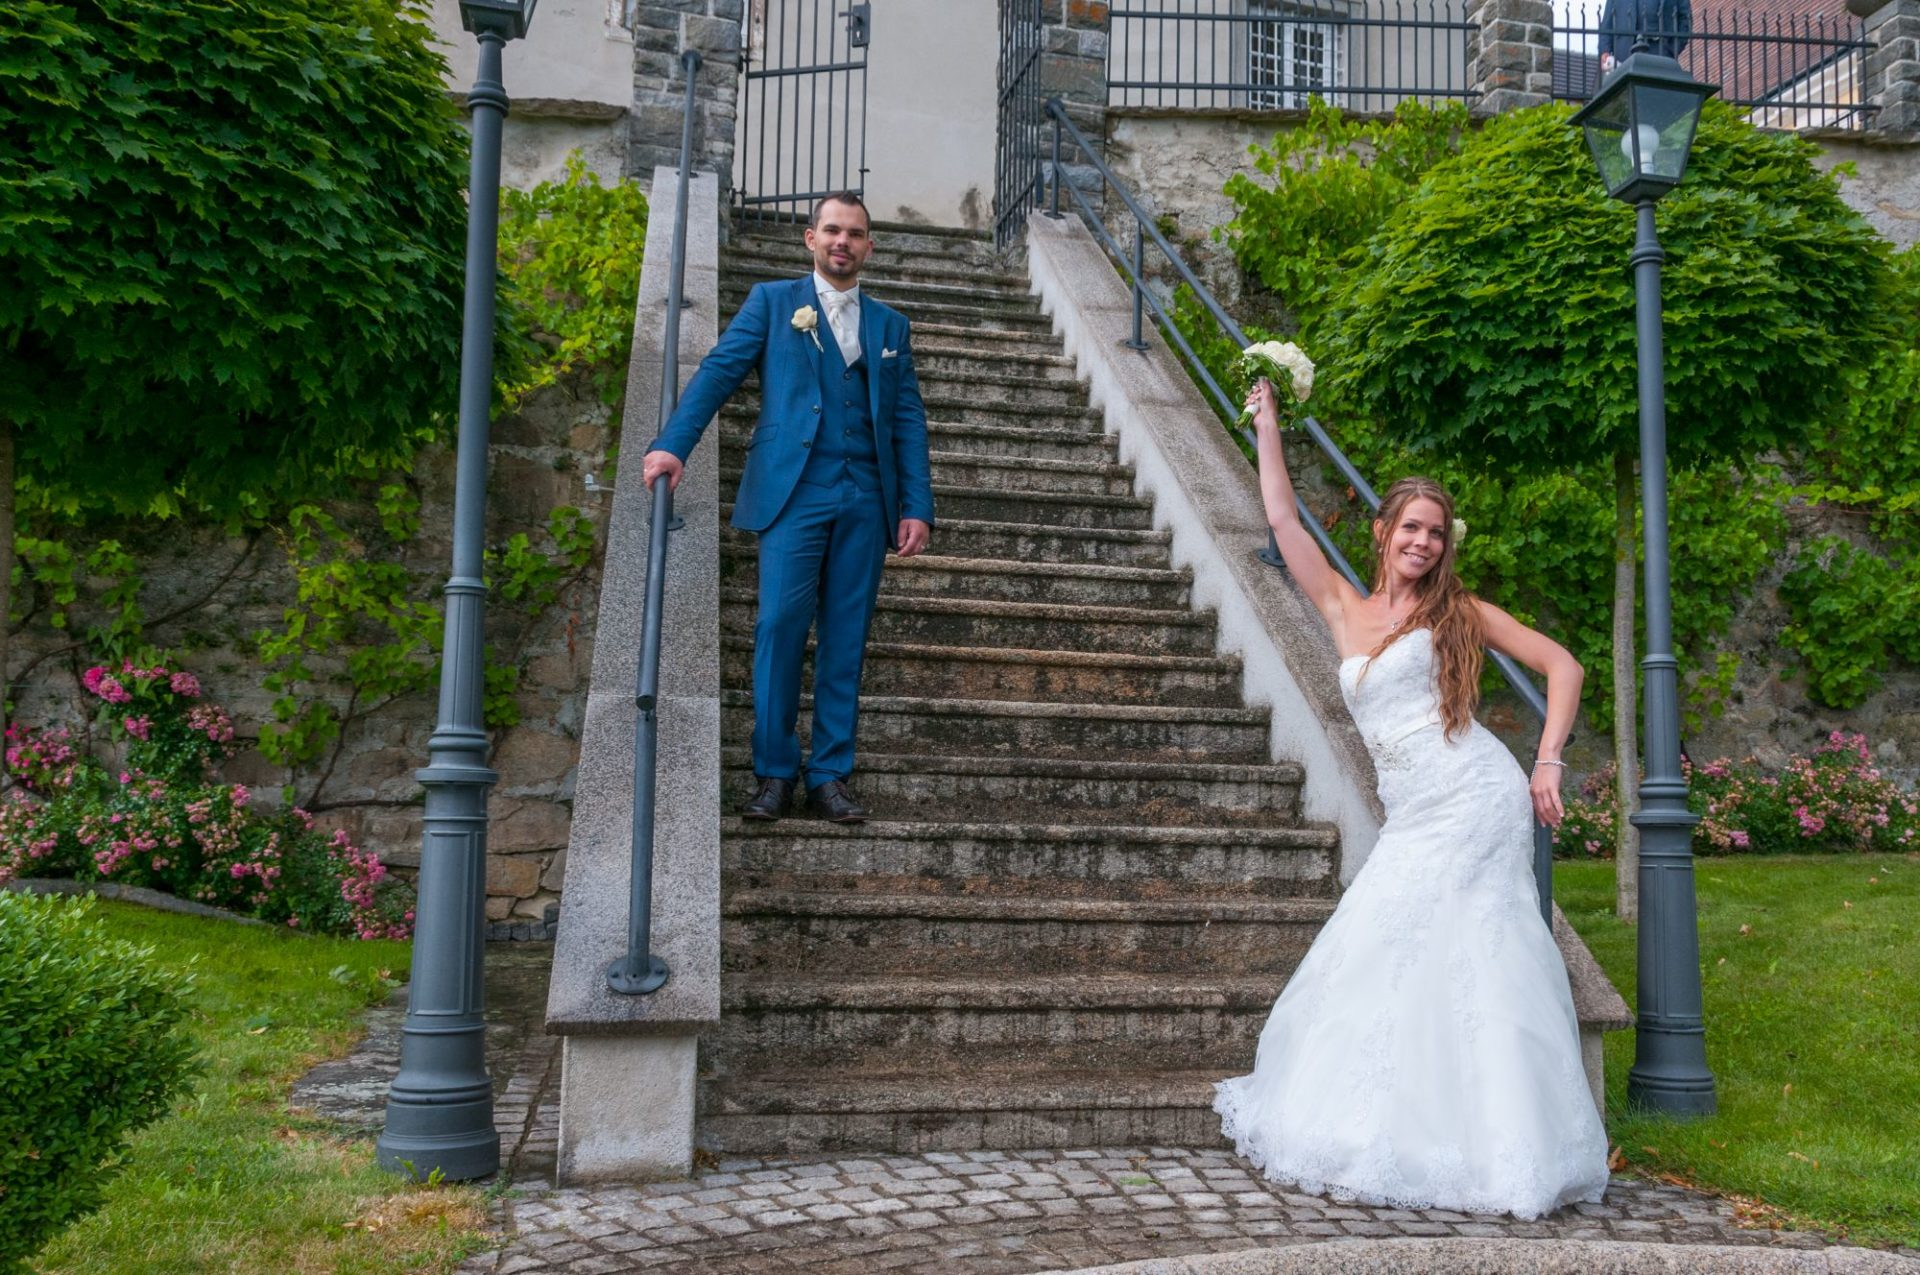 Braut posiert vor Treppe